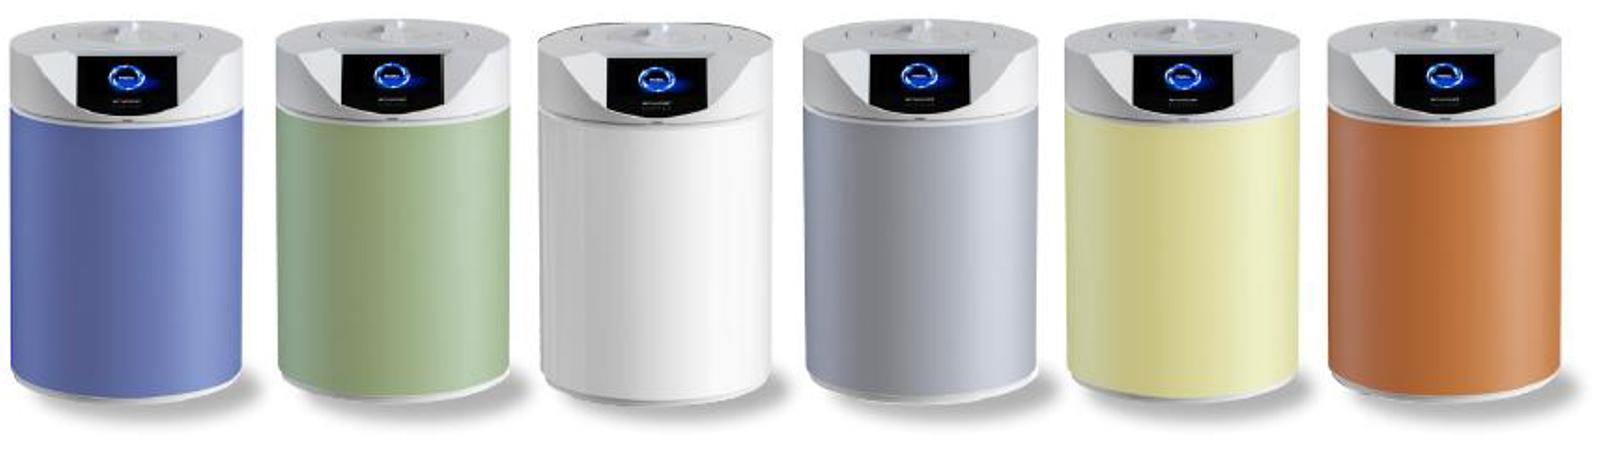 Autoklávy Microjet sú k dispozícii v rôznych farbách - vyberte si svoju obľúbenú